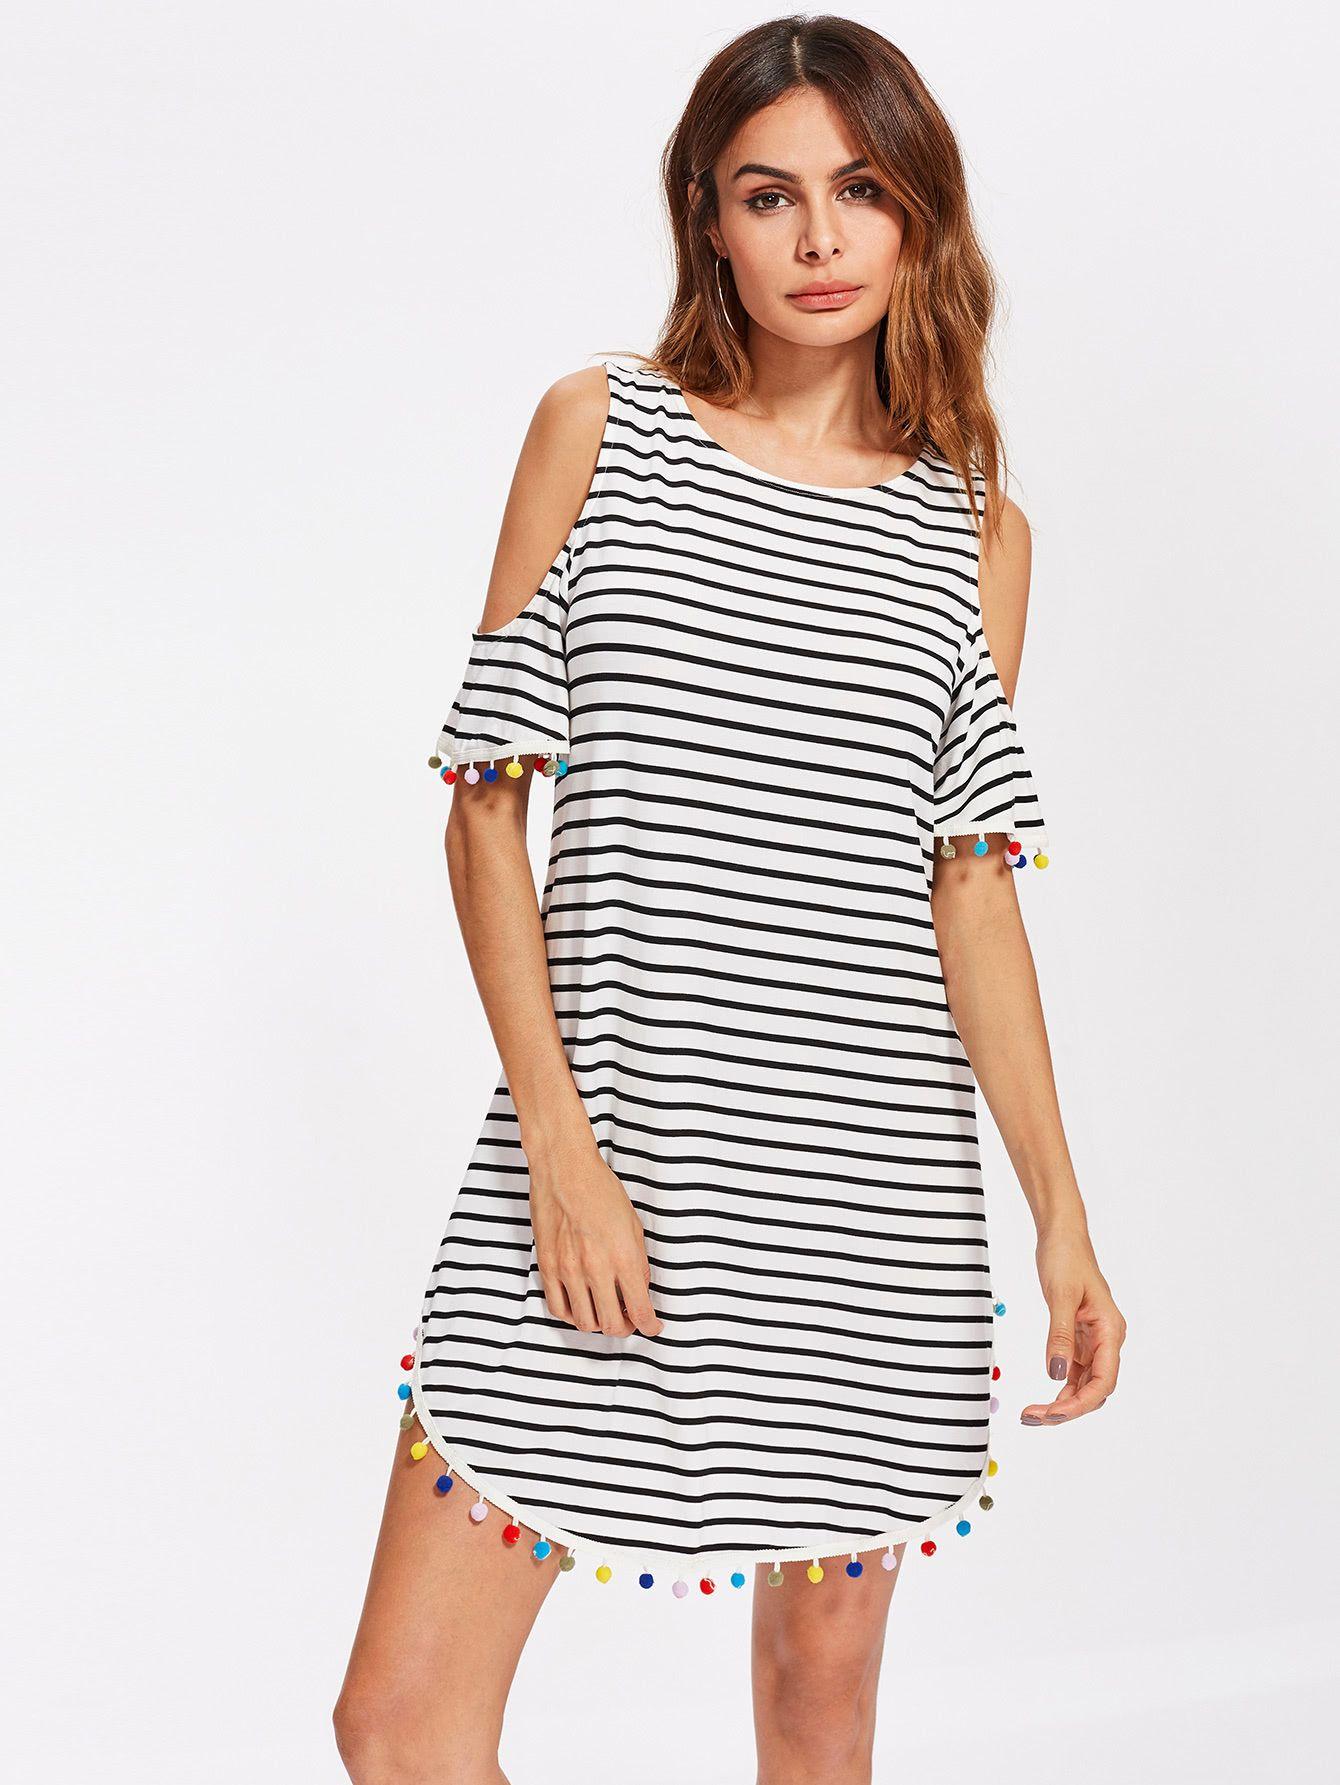 Knit Wear Consigue Este Tipo De Vestido Informal Shein Ahora Haz Clic Para Ver Los